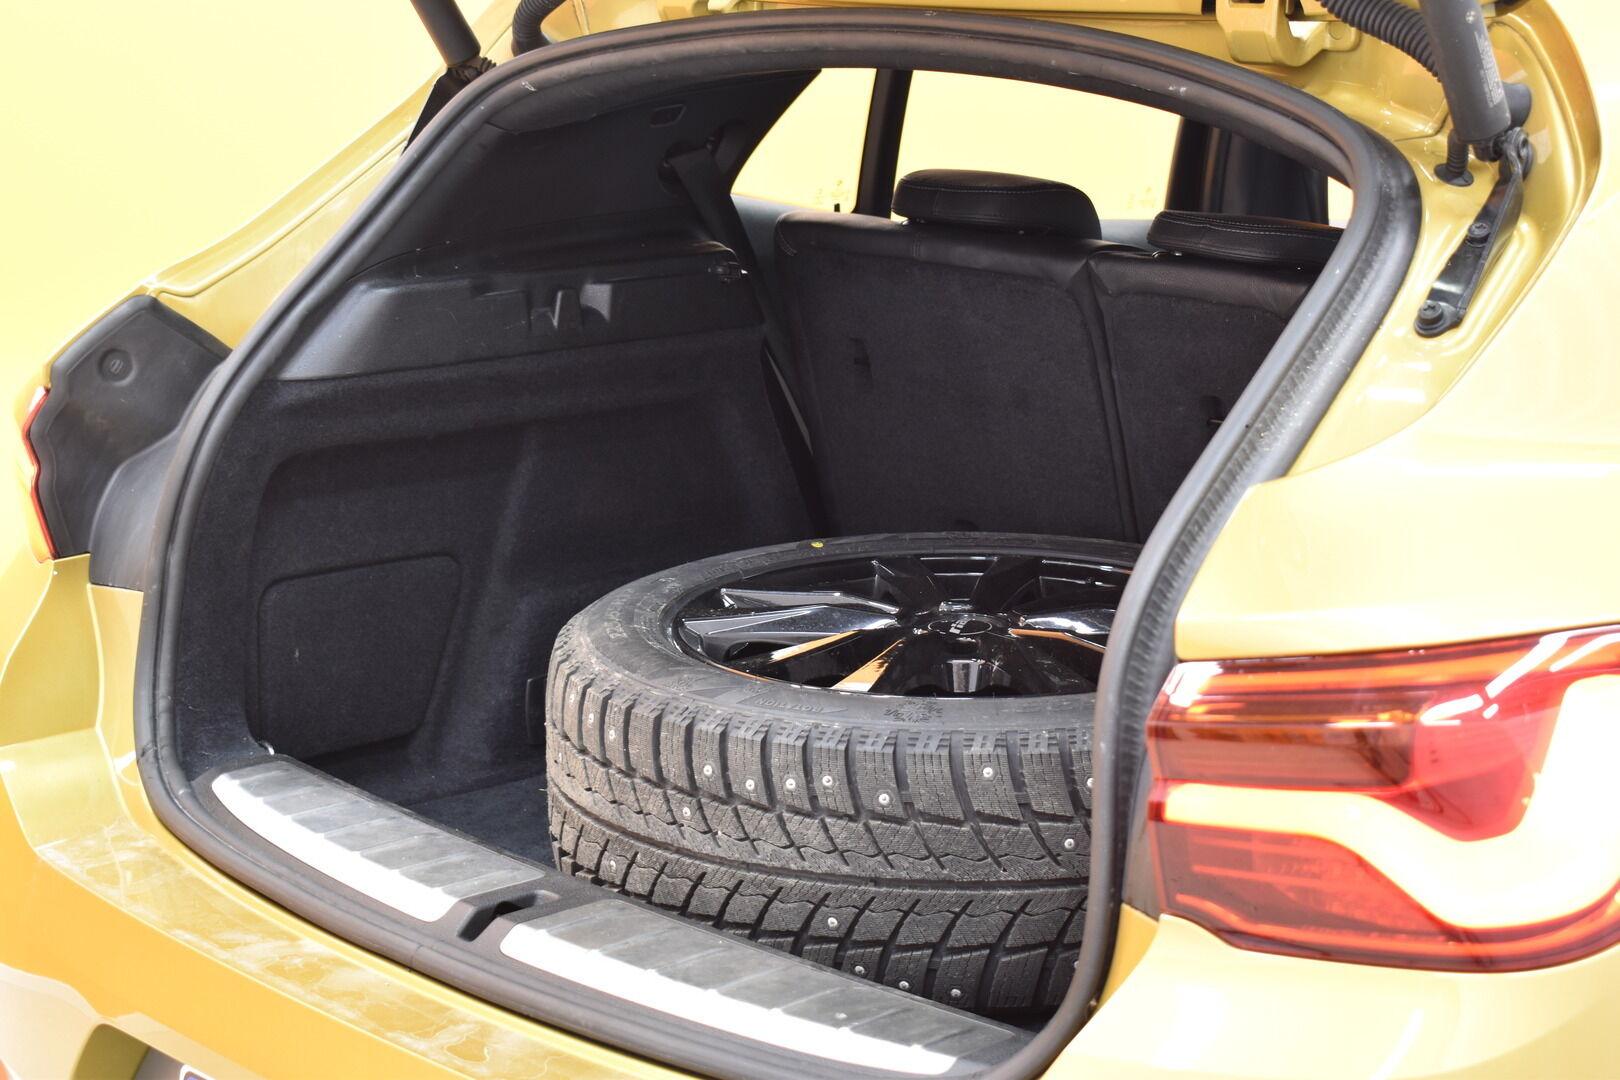 Keltainen Maastoauto, BMW X2 – LAH-64417, kuva 22